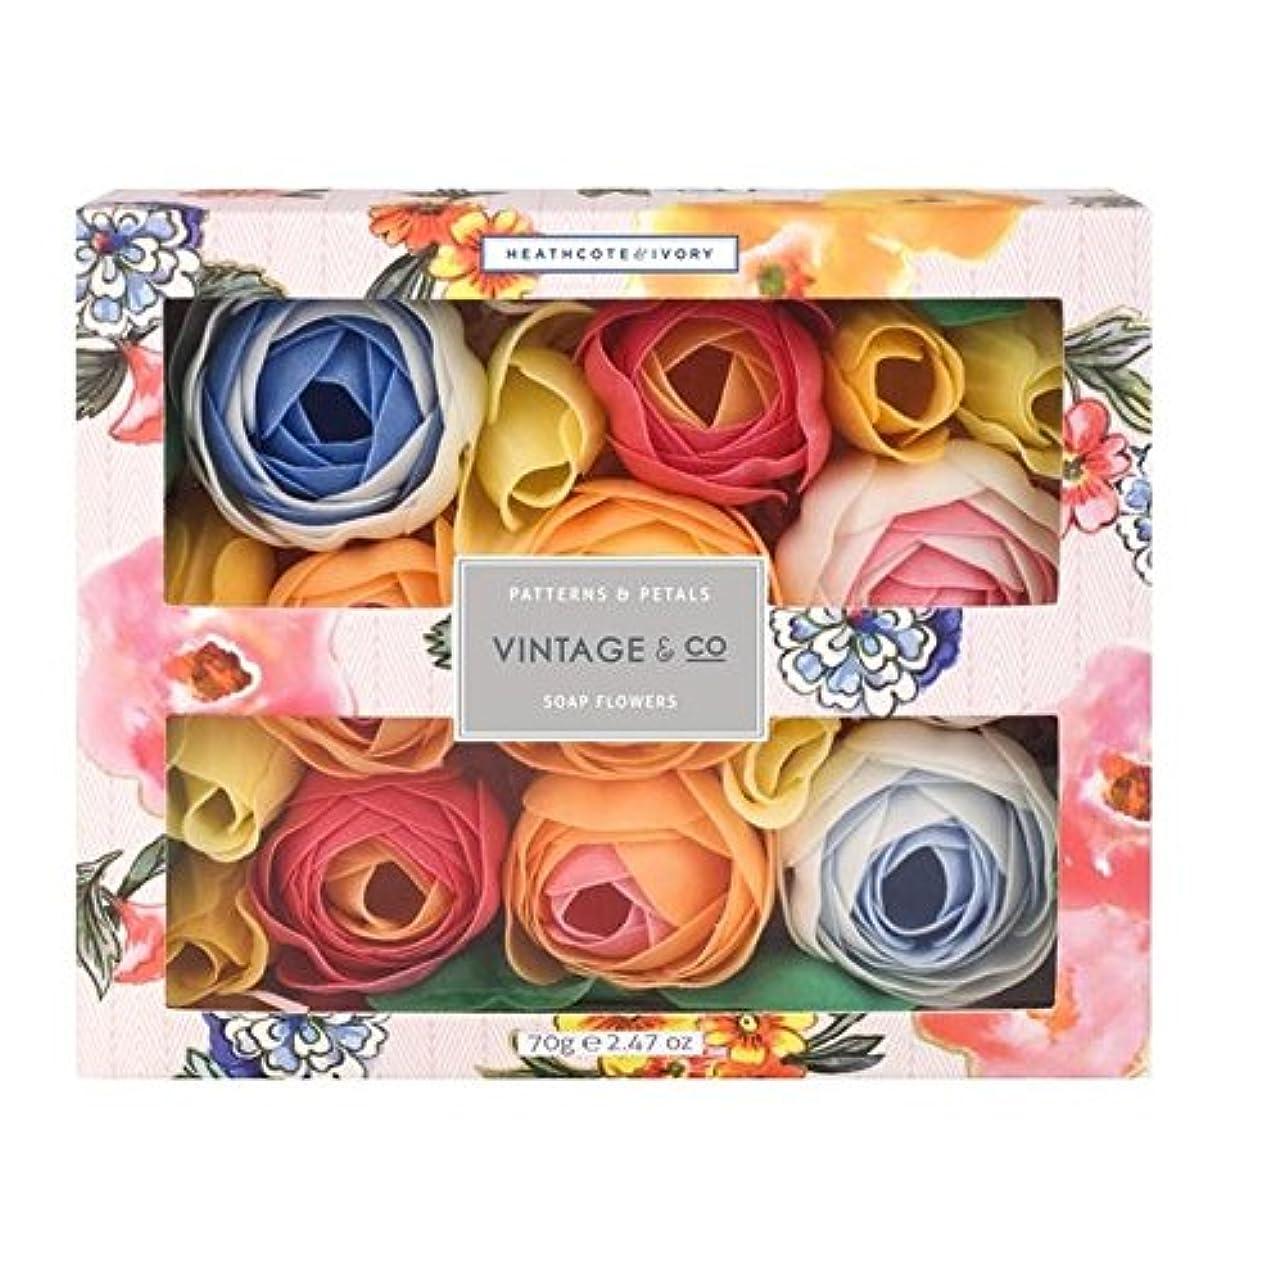 調和のとれた布尽きるHeathcote & Ivory Patterns & Petals Soap Flowers 70g - ヒースコート&アイボリーパターン&花びら石鹸の花70グラム [並行輸入品]